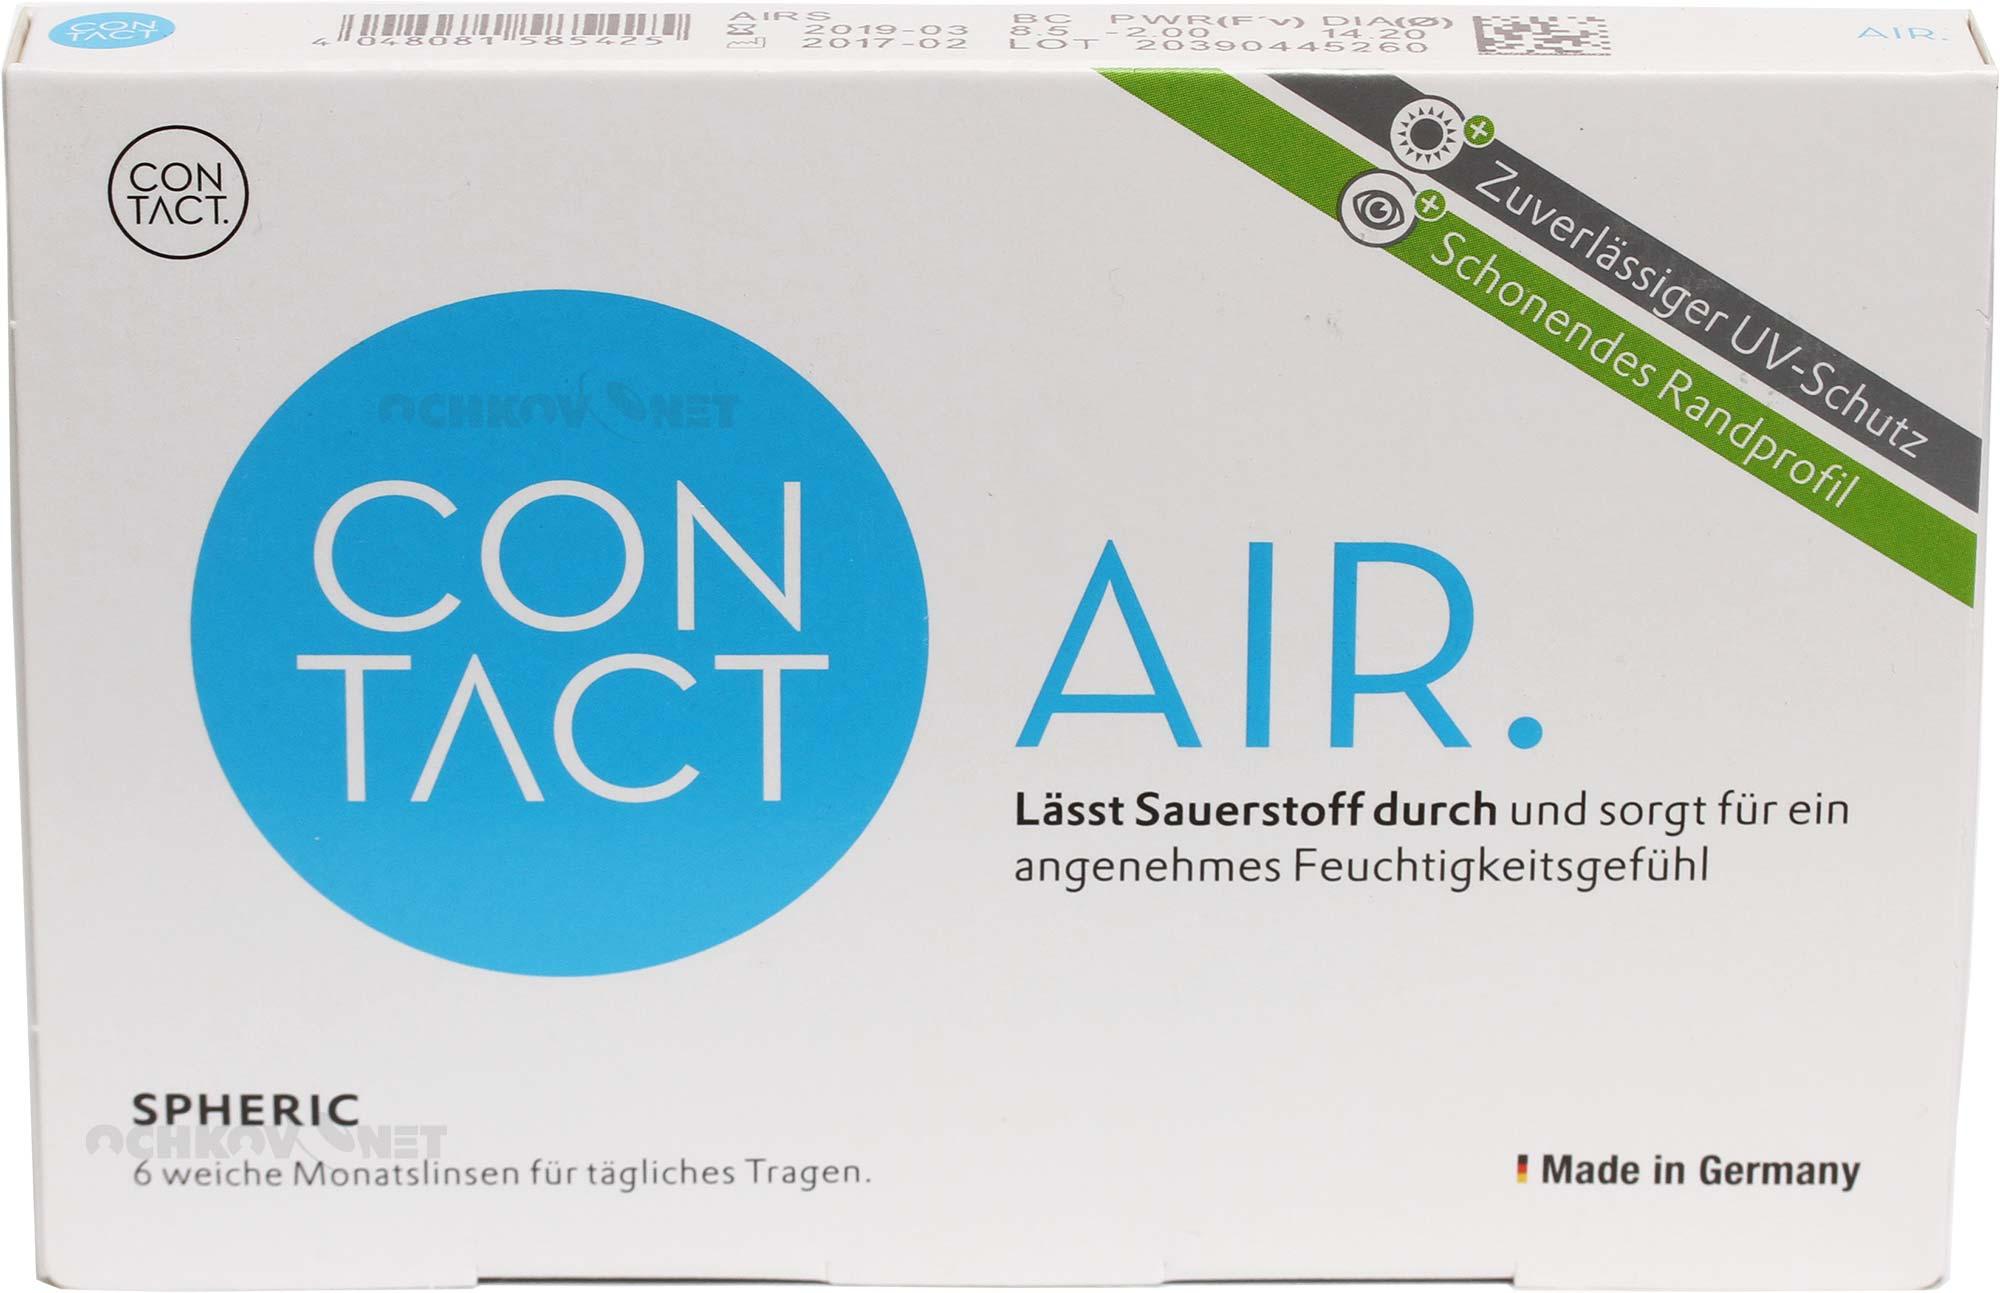 Контактные линзы Contact Air spheric 6 штук (минусовые диоптрии)